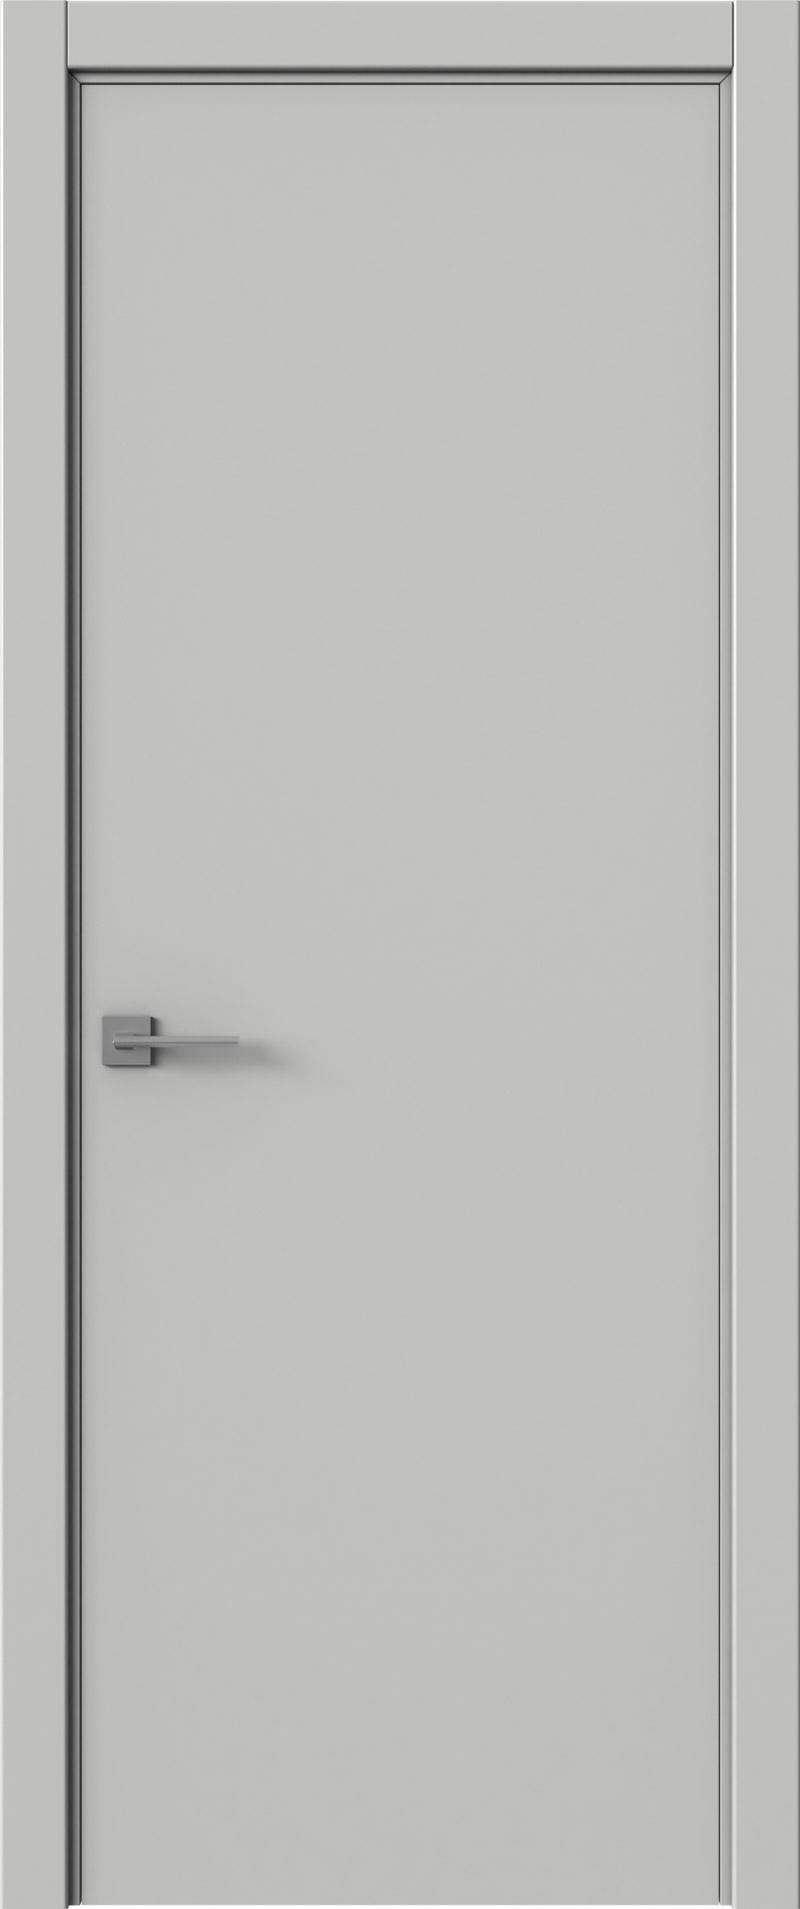 Tivoli А-5 цвет - Серая эмаль (RAL 7047) Без стекла (ДГ)